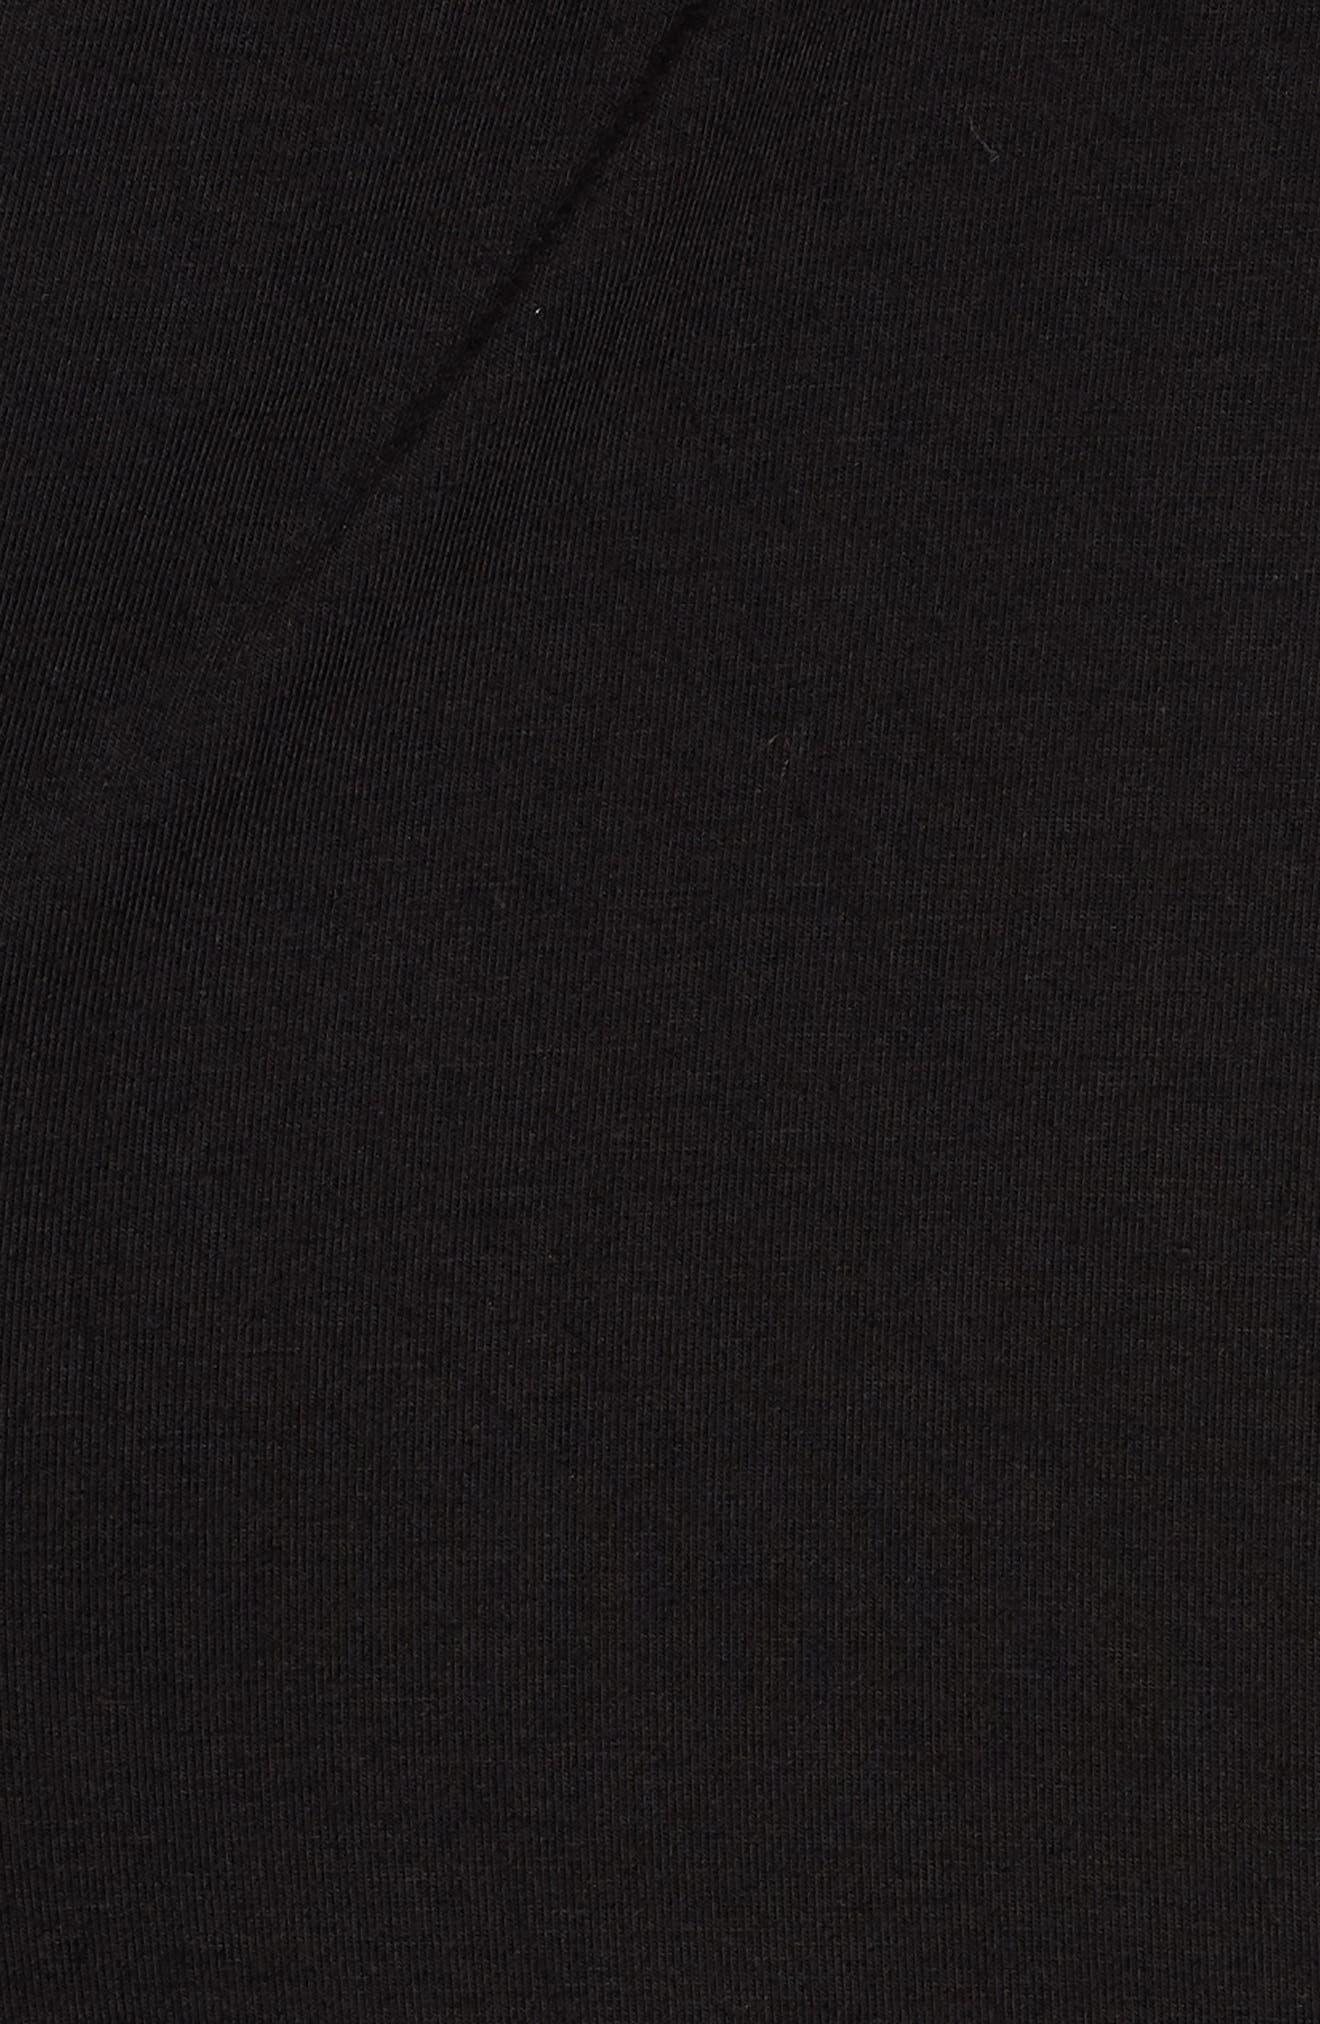 Knit Maxi Dress,                             Alternate thumbnail 5, color,                             Black